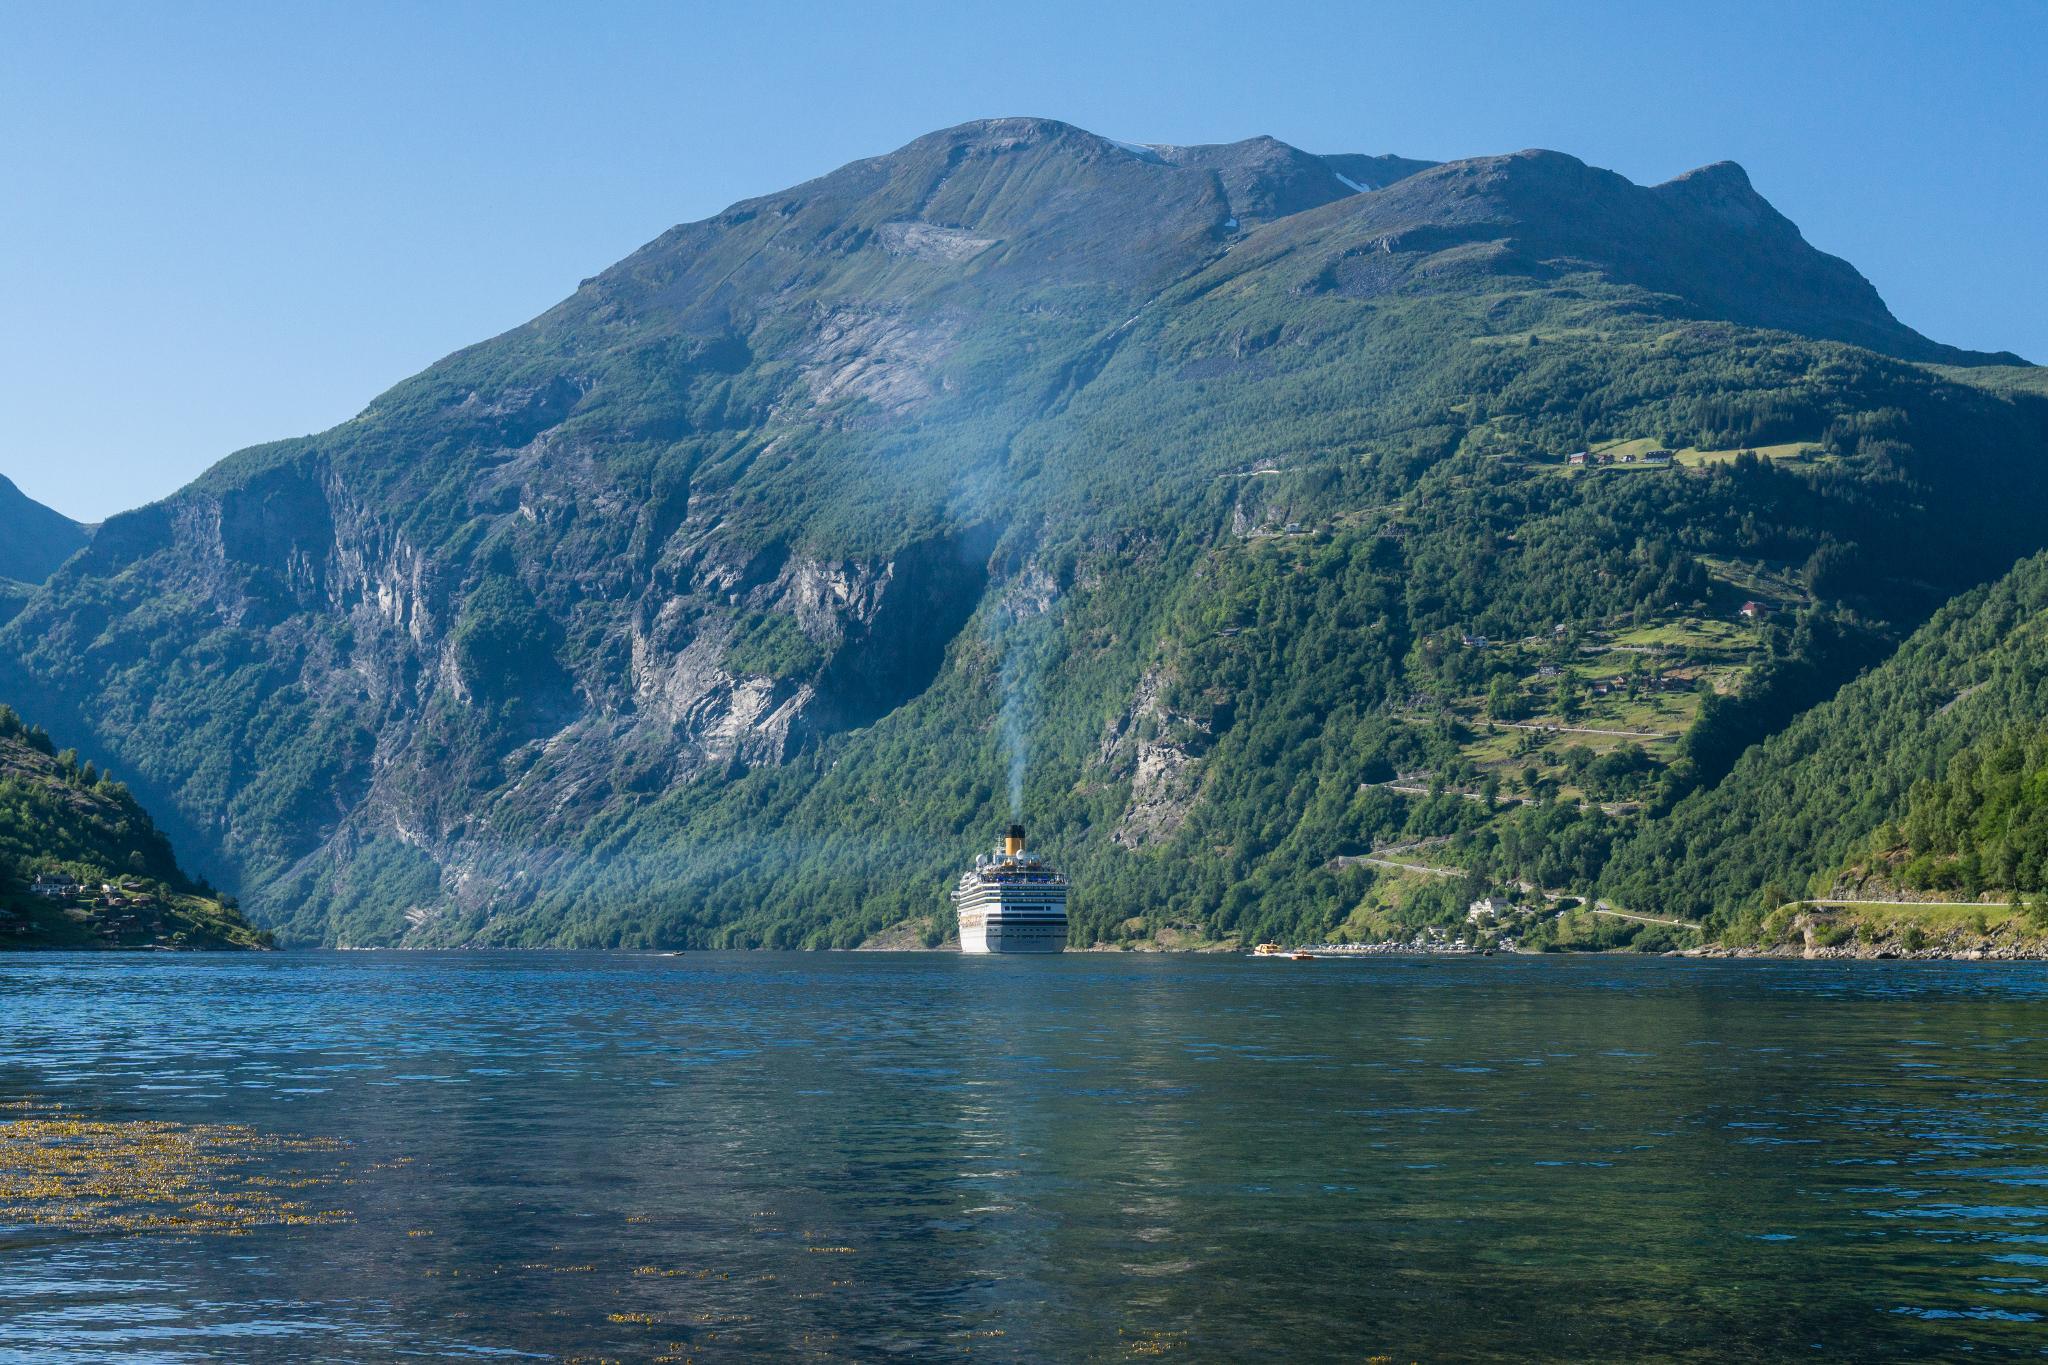 【北歐景點】Ørnesvingen 老鷹之路 ∣ 挪威世界遺產 — 蓋倫格峽灣景點總整理 26